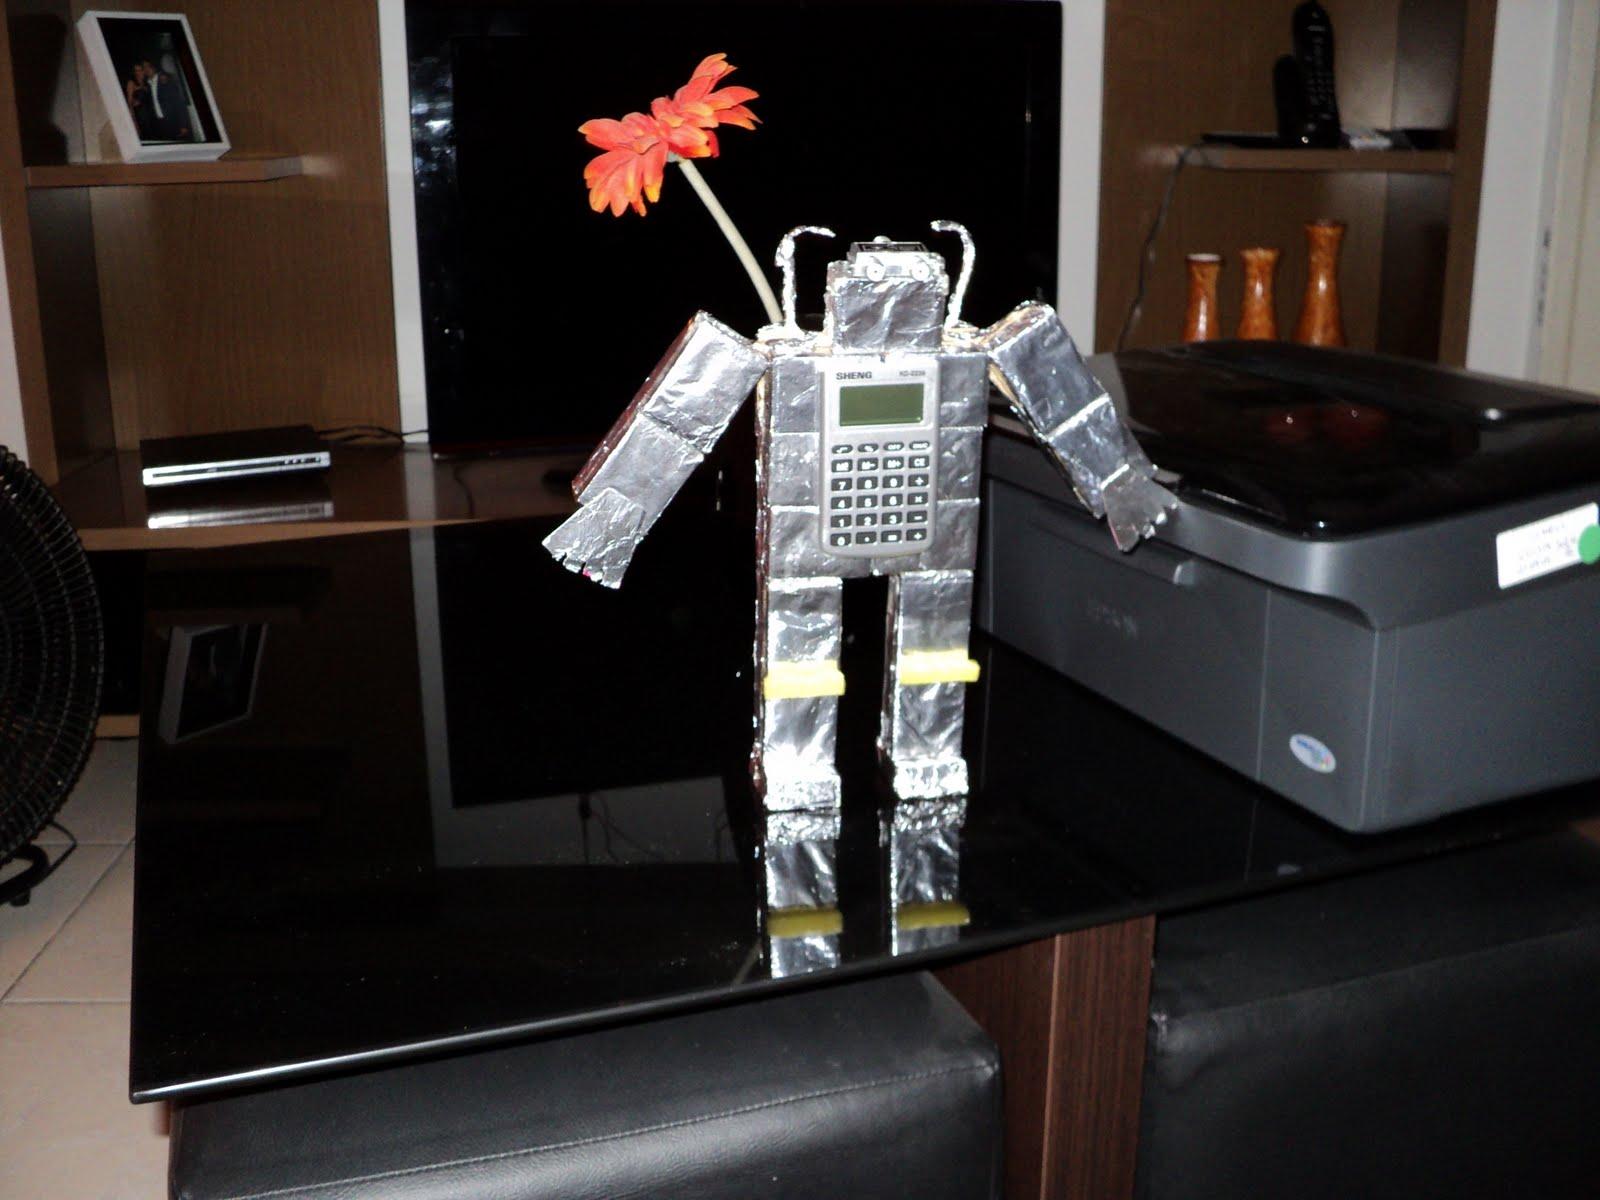 Suficiente Informatica Educativa: Trabalho de Robótica - Material Reciclado IN05